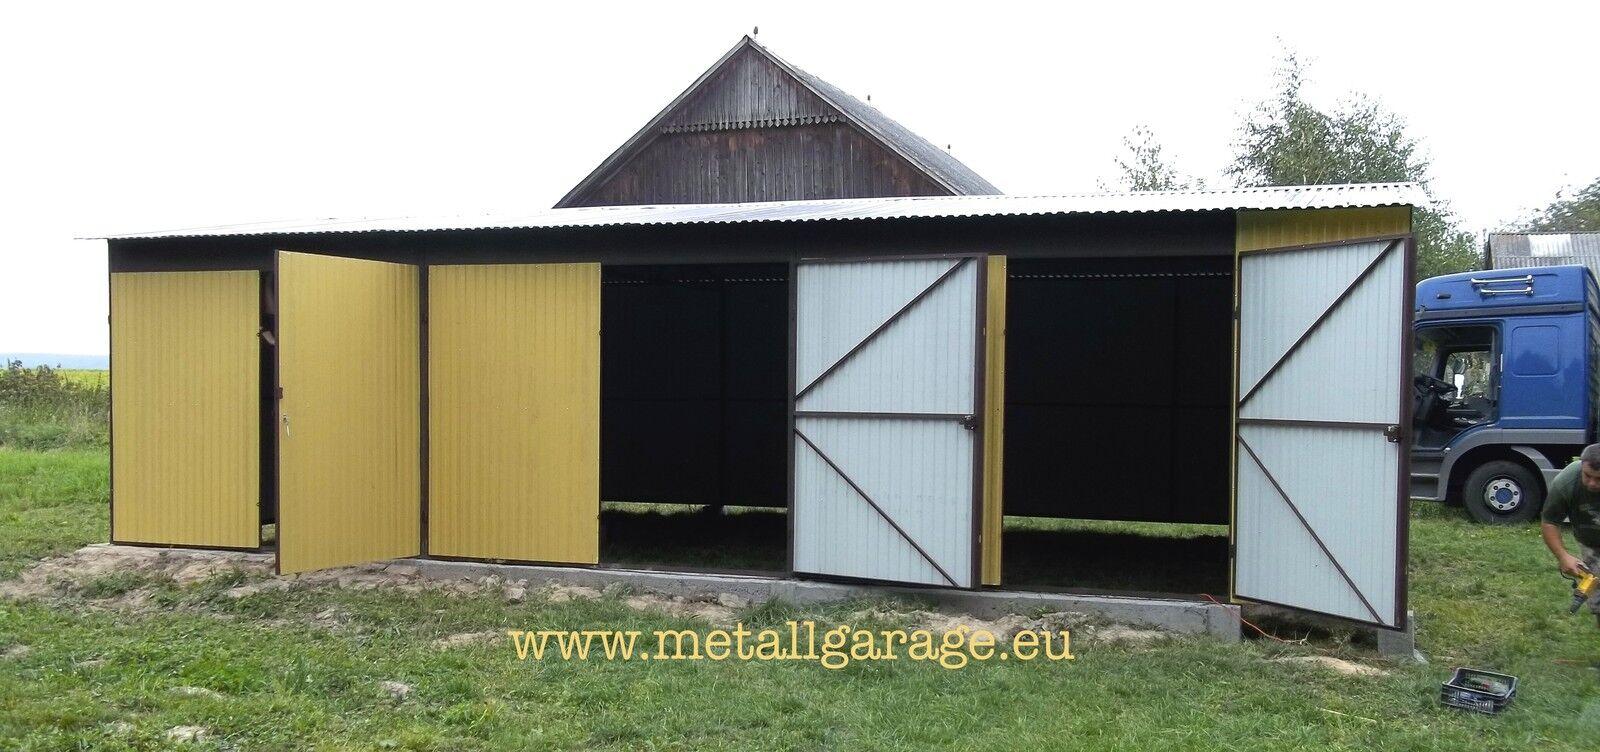 RAL 1002 10x6 Blechgarage Fertiggarage Metallgarage LAGERRAUM RAUM KFZ GARAGE